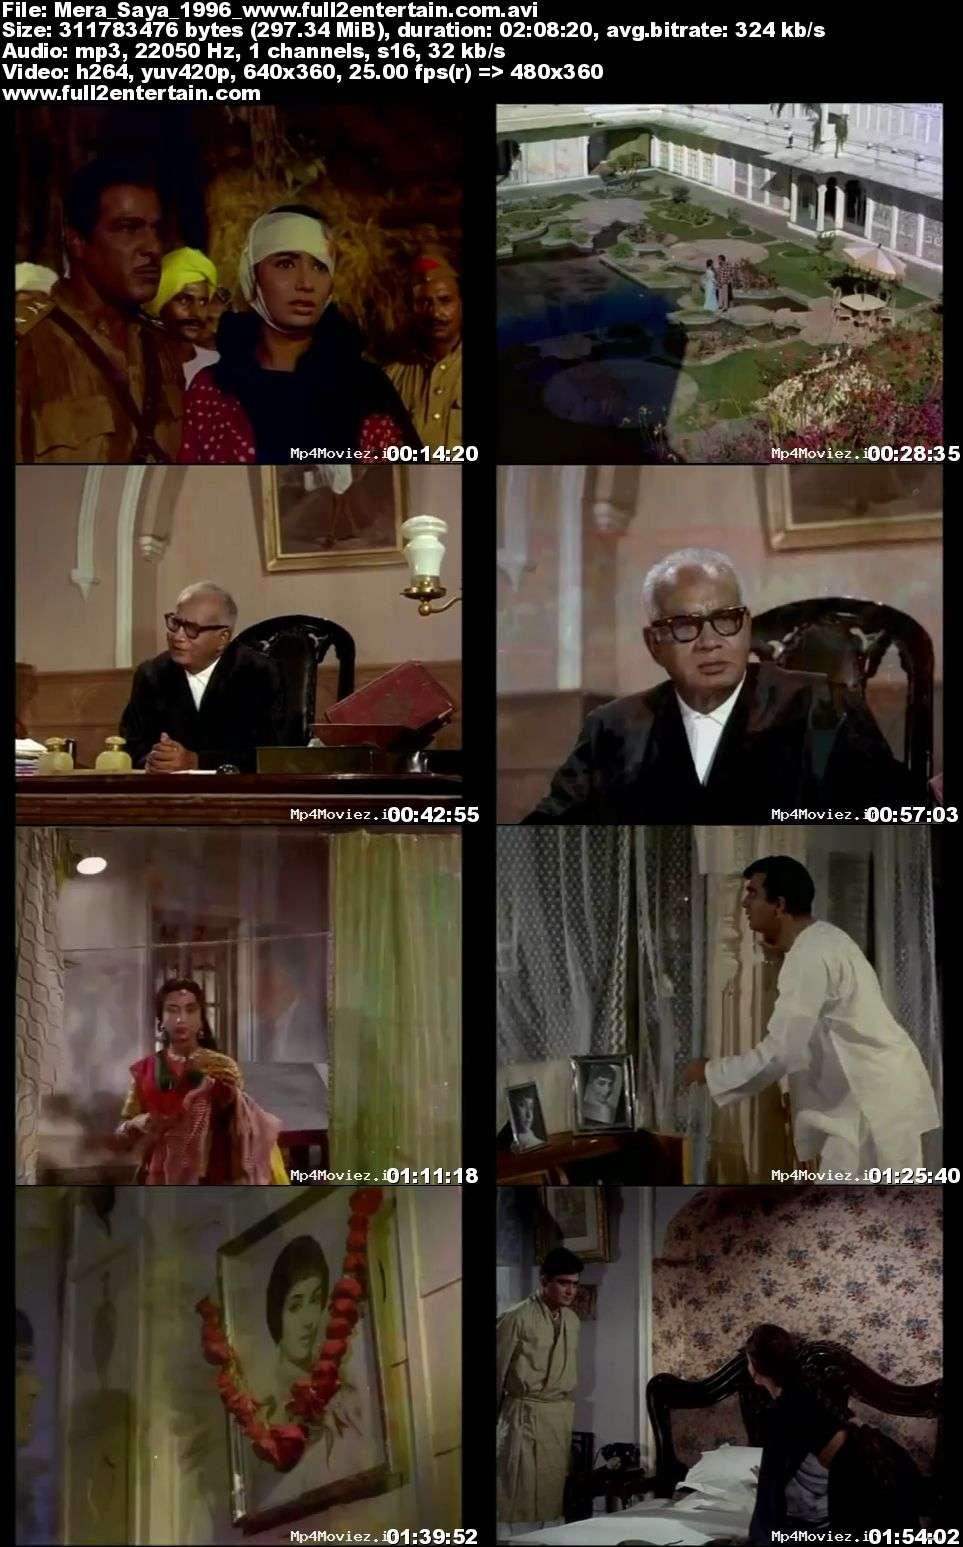 Mera Saaya 1996 Full Movie Download Free in Bluray 720p